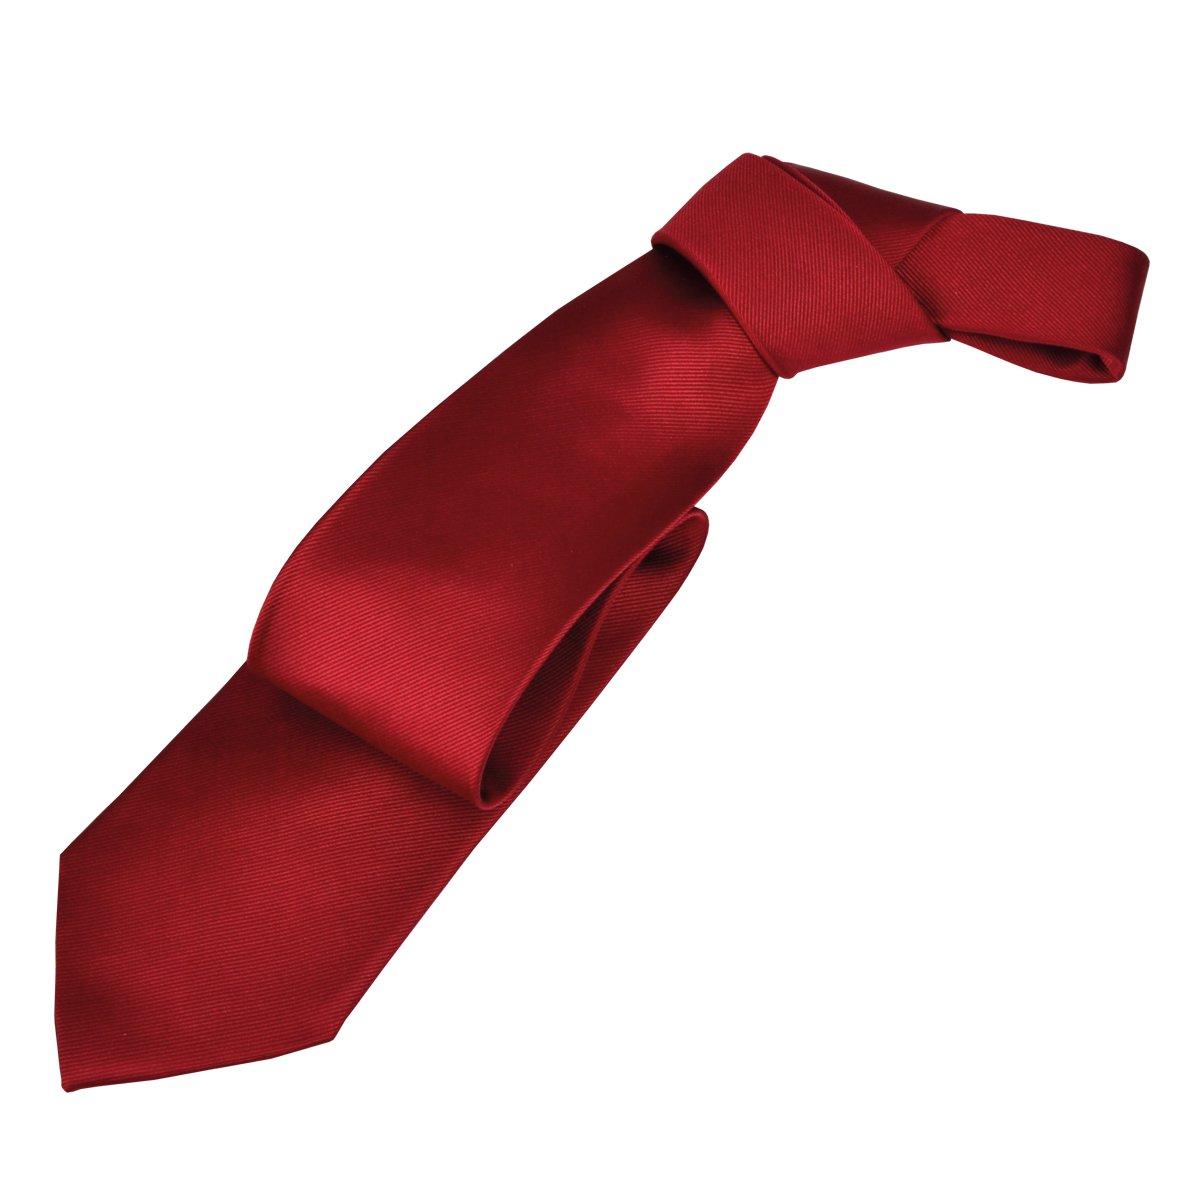 J.PLOENES Seda - Corbata roja Longitud Extra, One Size:One Size ...